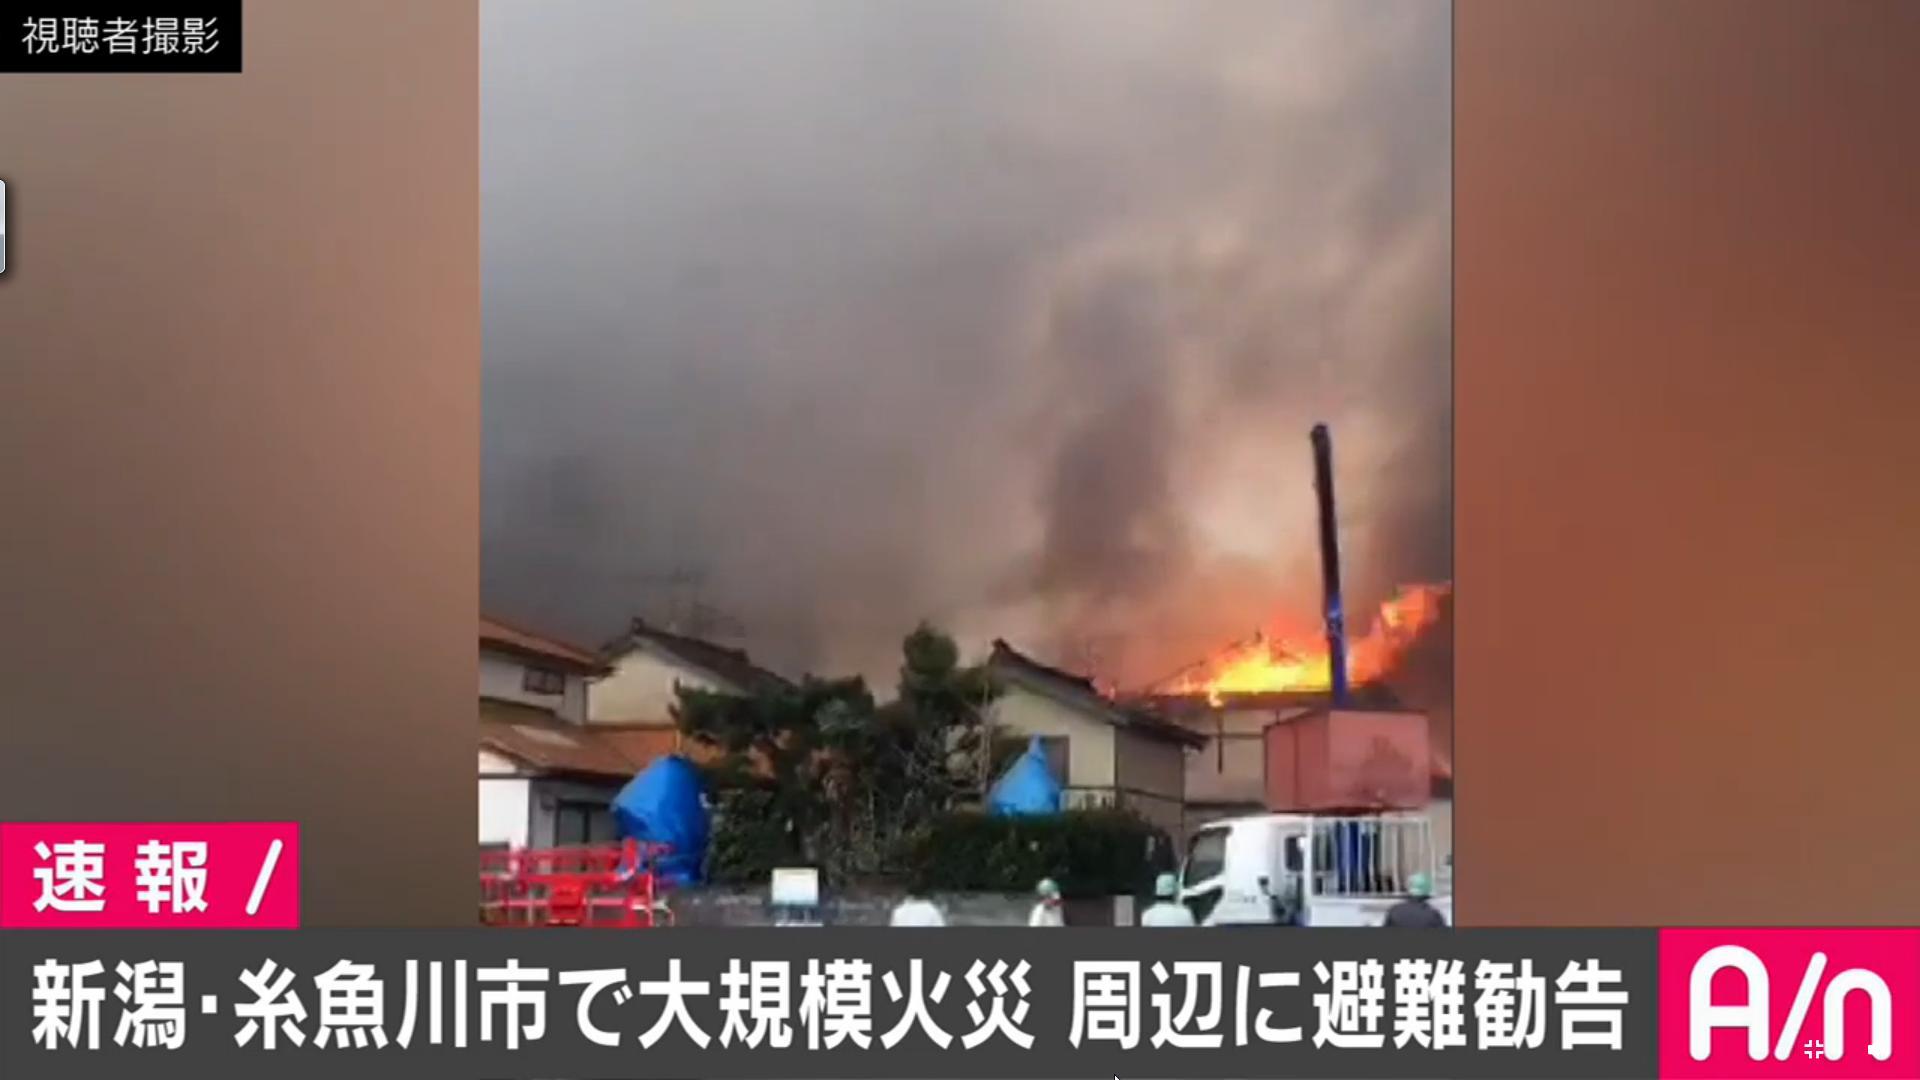 新潟・糸魚川市の火事がなかなかすごいんだが